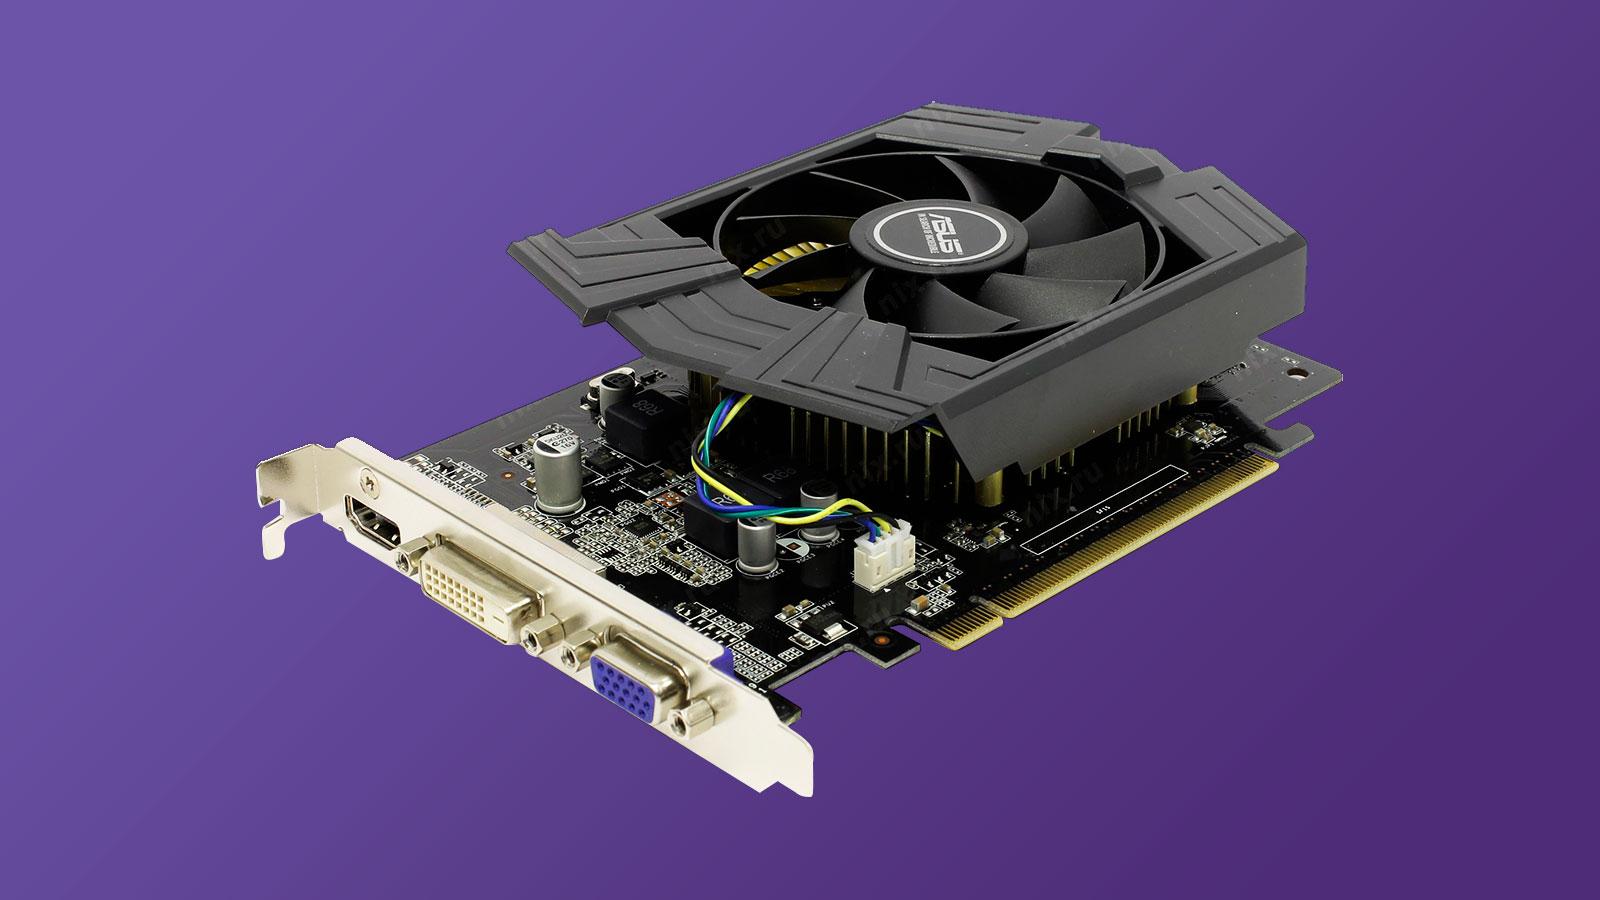 MSI GeForce GT 740 OC 2GD5